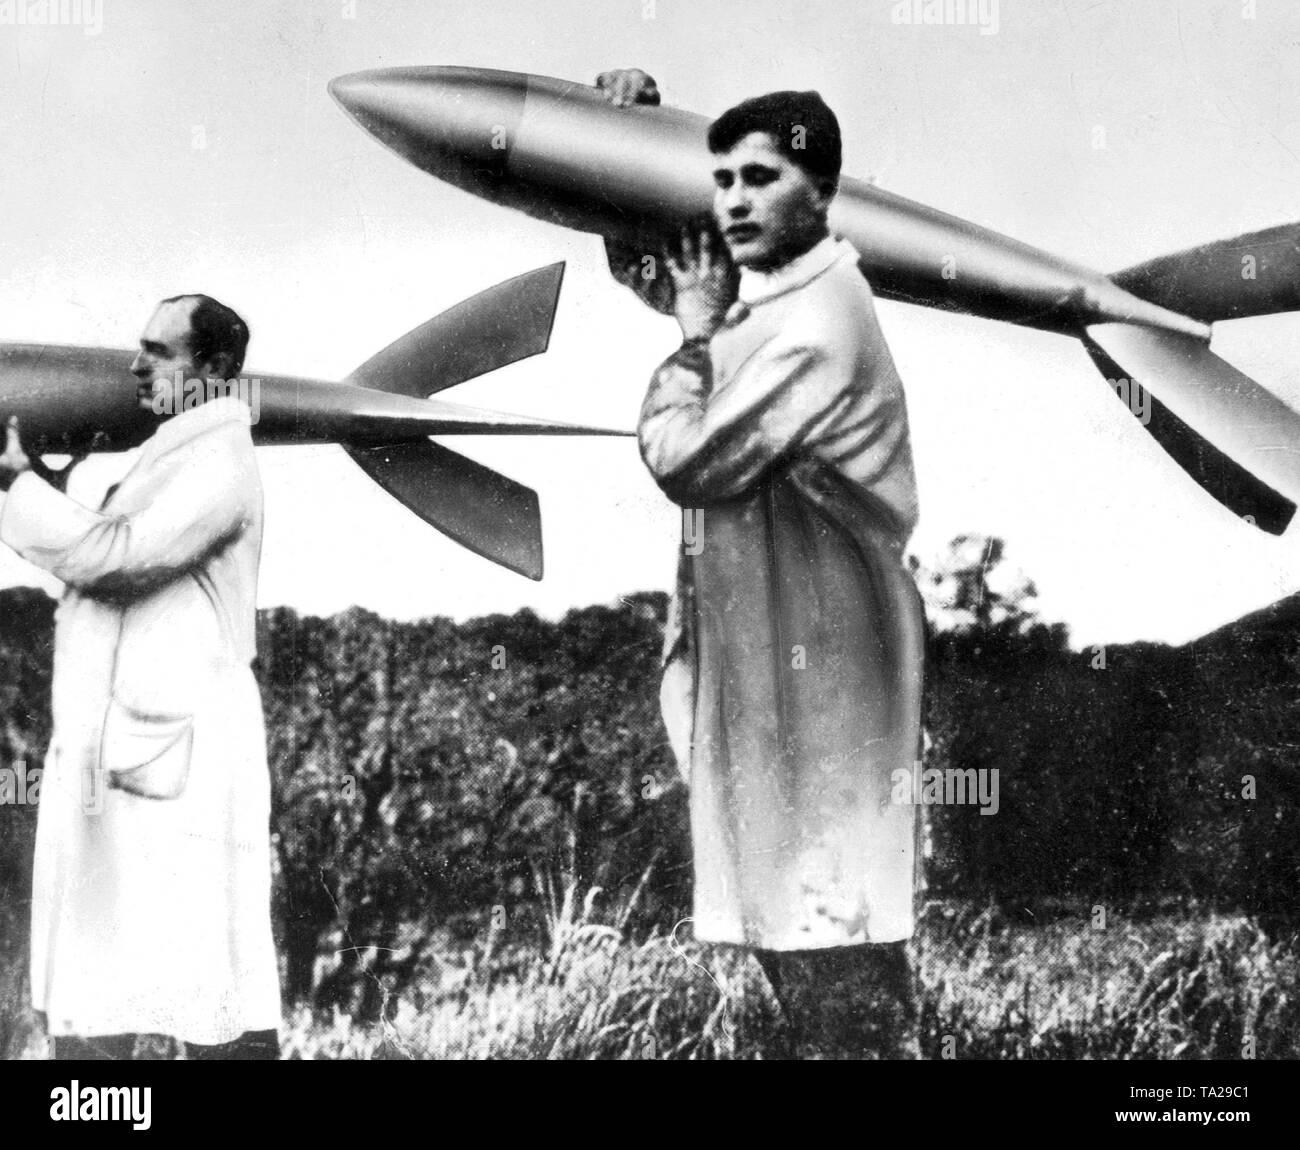 Die deutsche Rakete Wissenschaftler Rudolf Nebel und sein junger Assistent Wernher von Braun kleine Raketen auf die Rakete startet Website in Berlin. Stockfoto